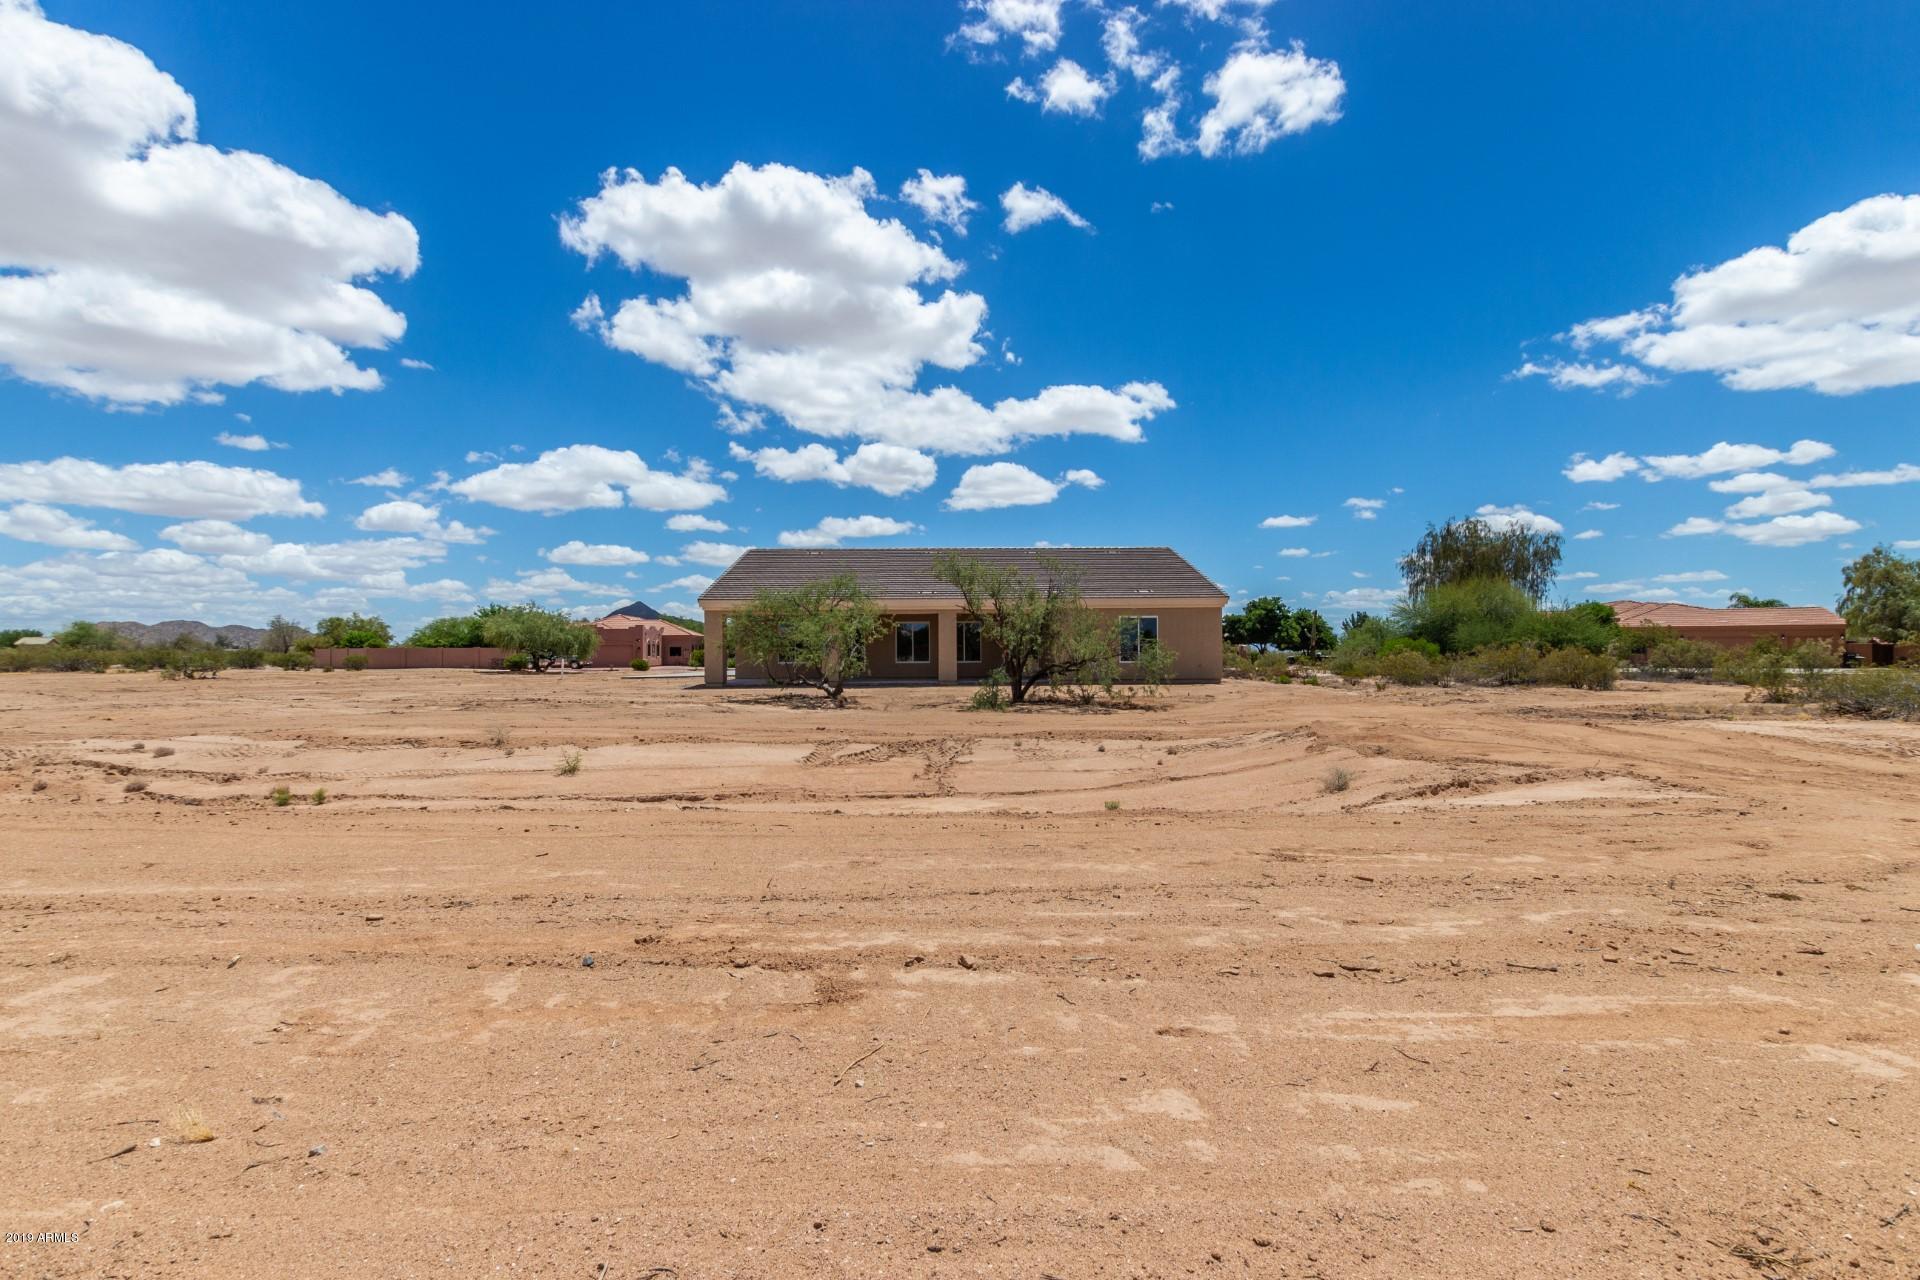 MLS 5930816 12570 W TOLTEC Lane, Casa Grande, AZ 85194 Casa Grande AZ Four Bedroom